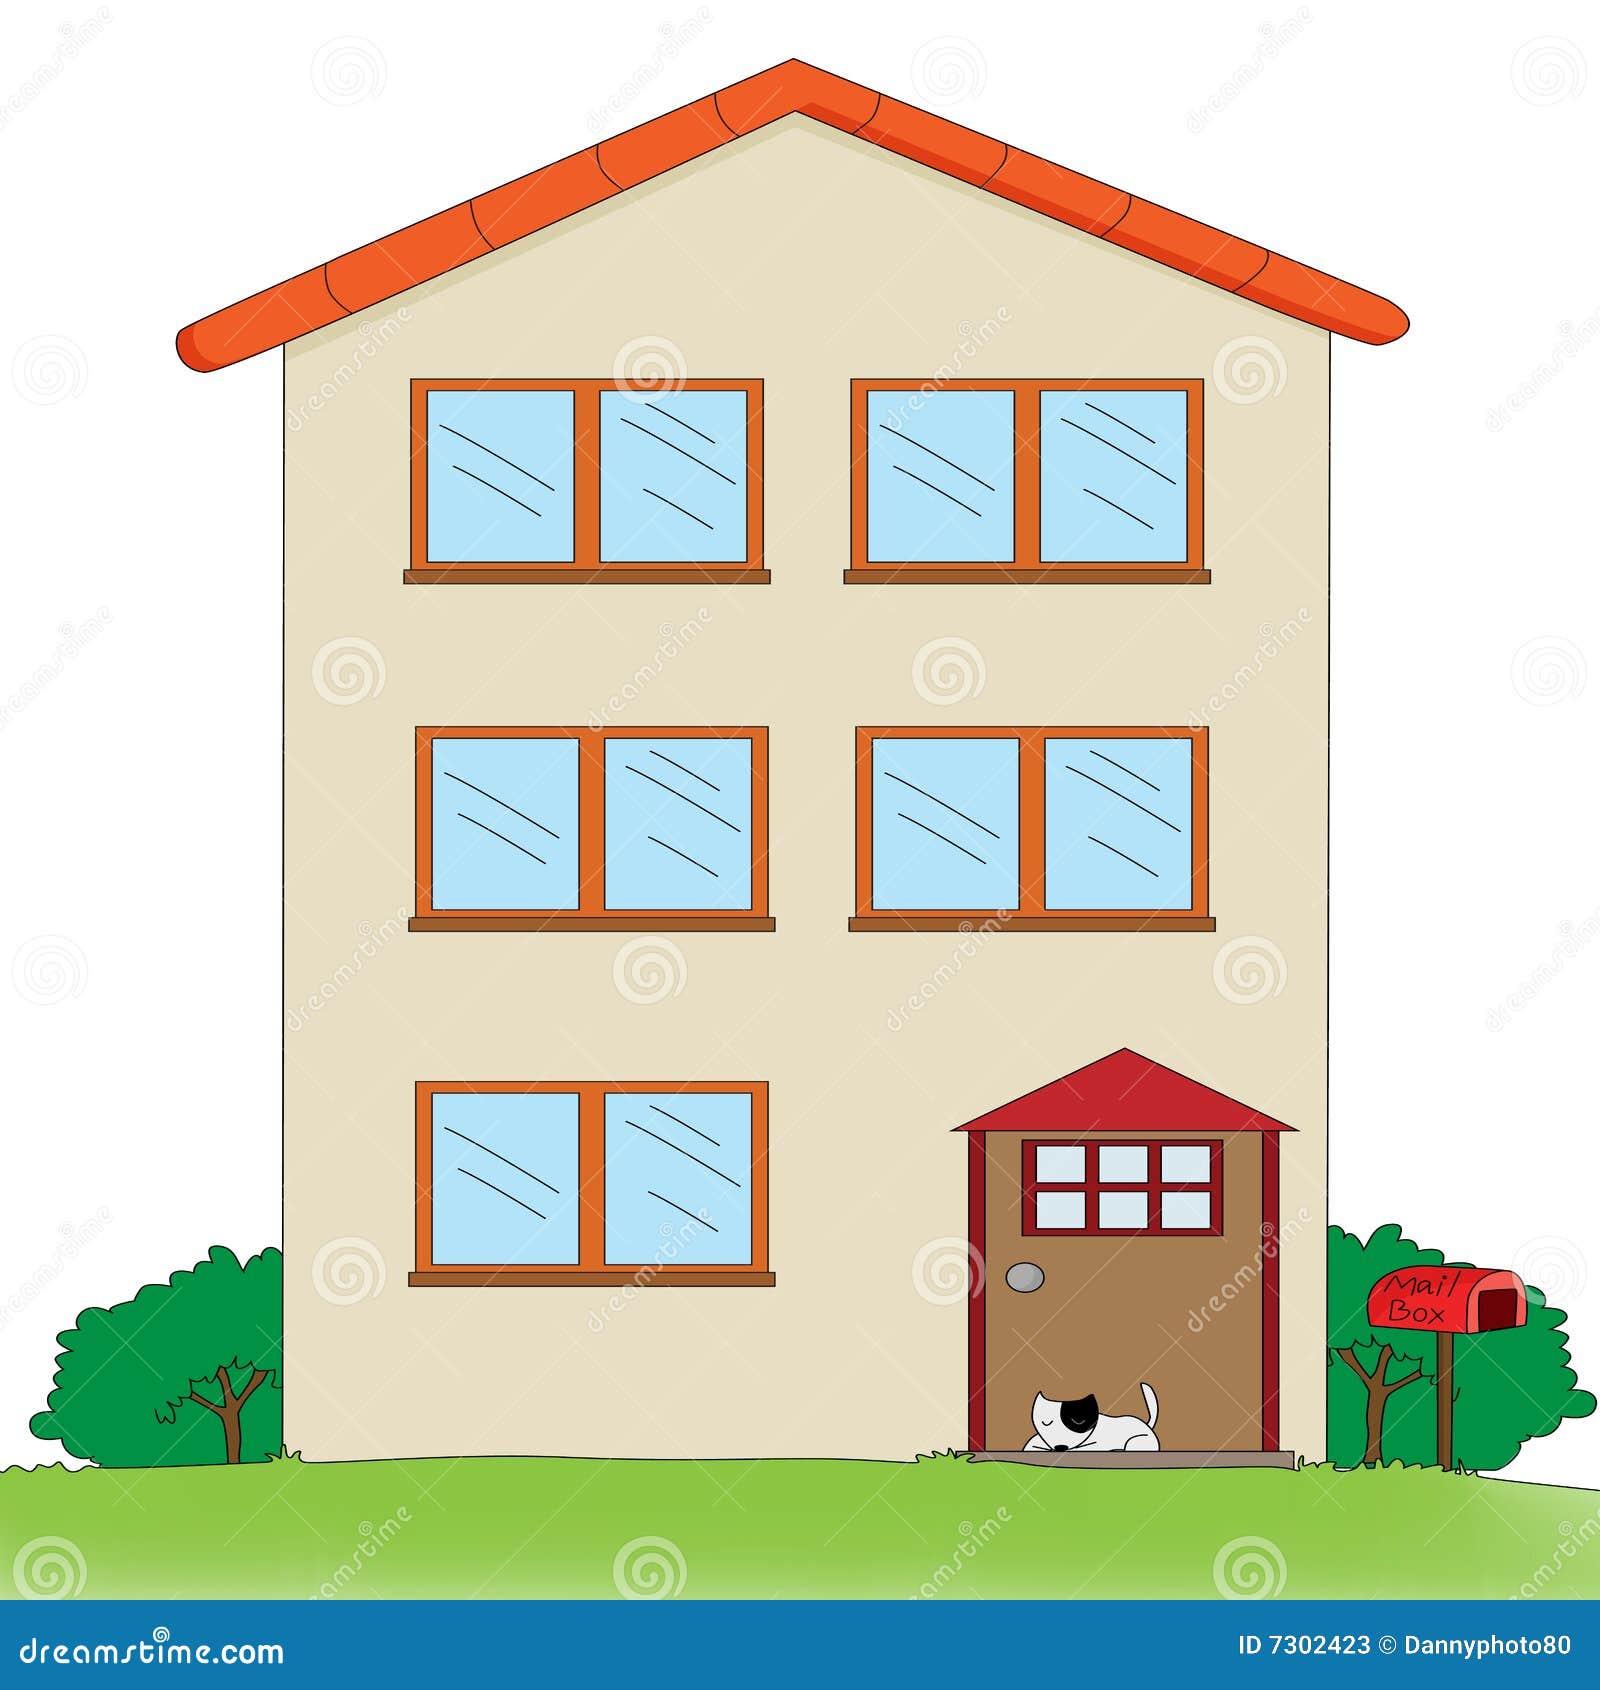 Multi storey house stock illustration illustration of for Art house building design